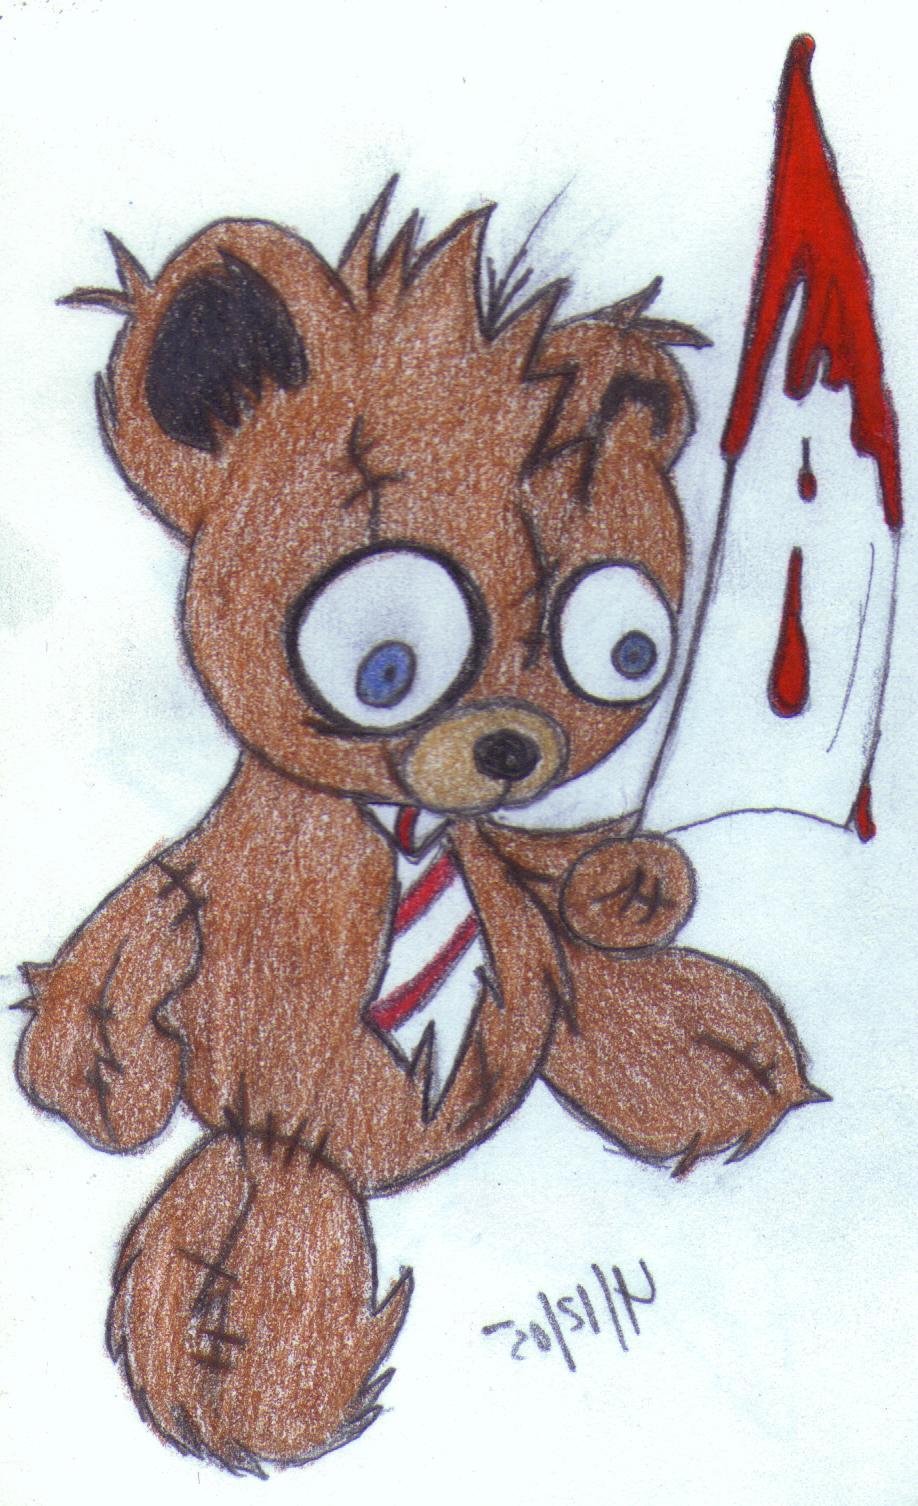 killer teddy bear by djdaztec on DeviantArt